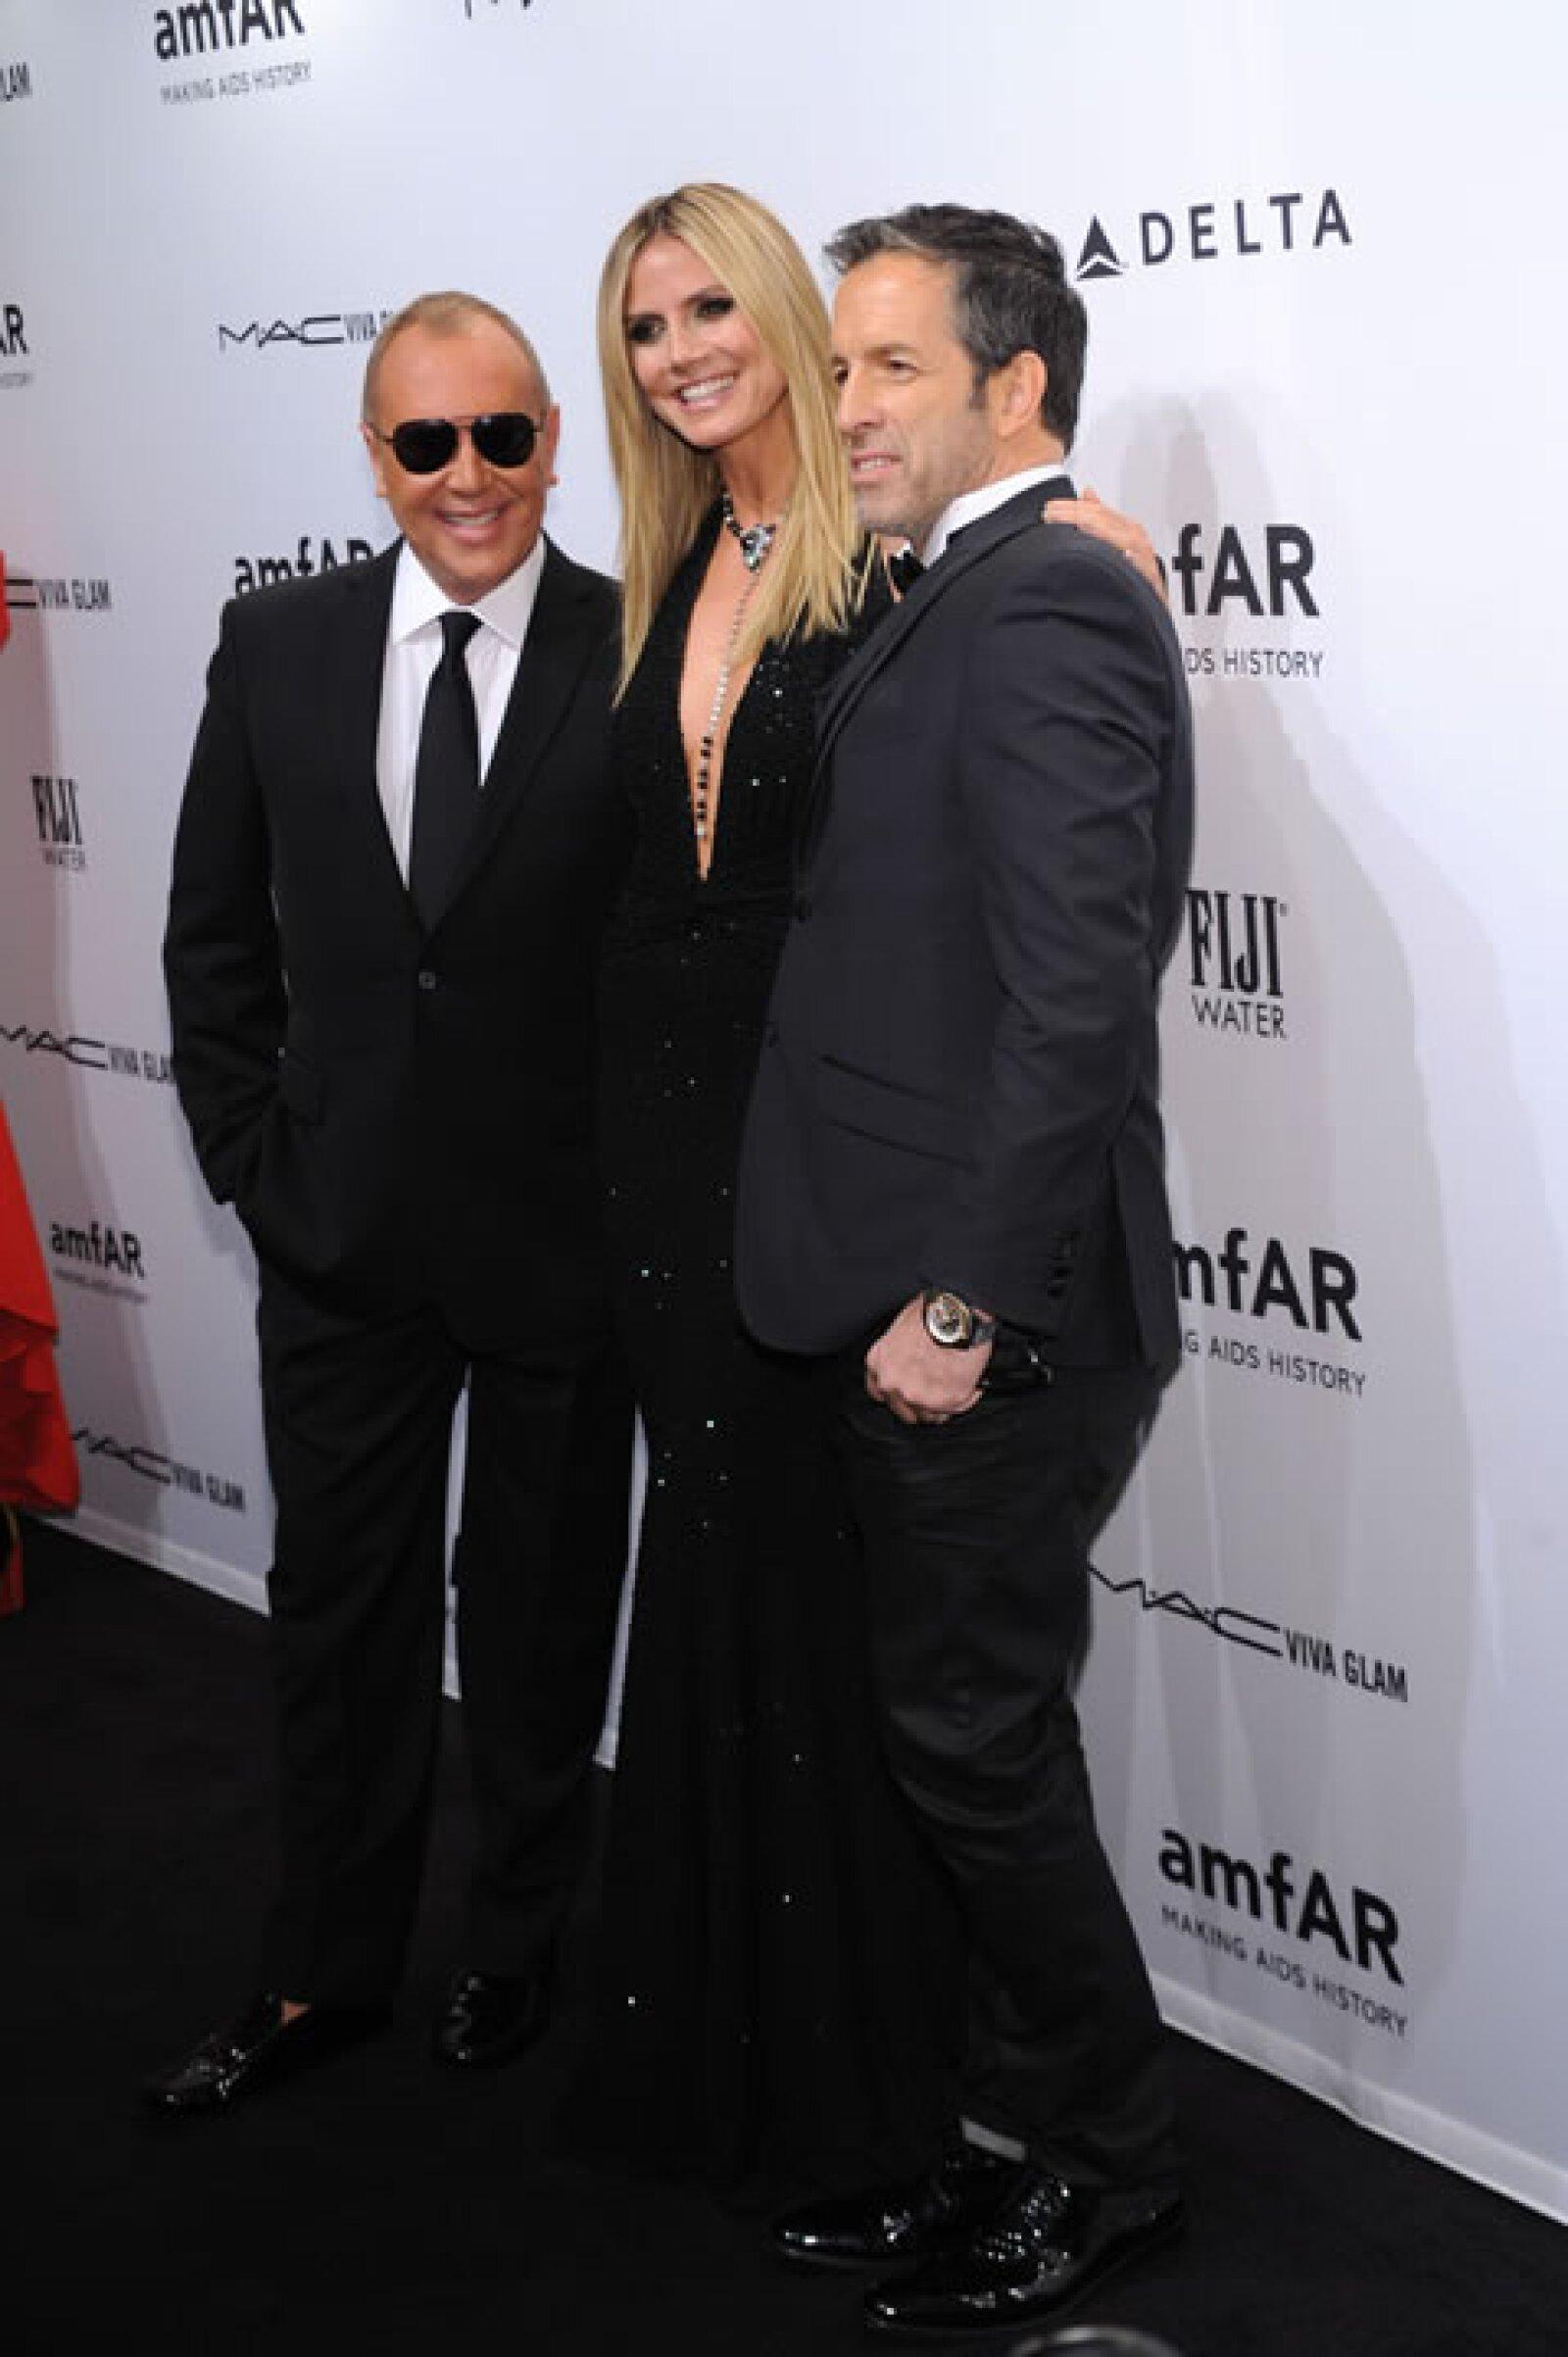 Michael Kors, Heidi Klum, Kenneth Cole